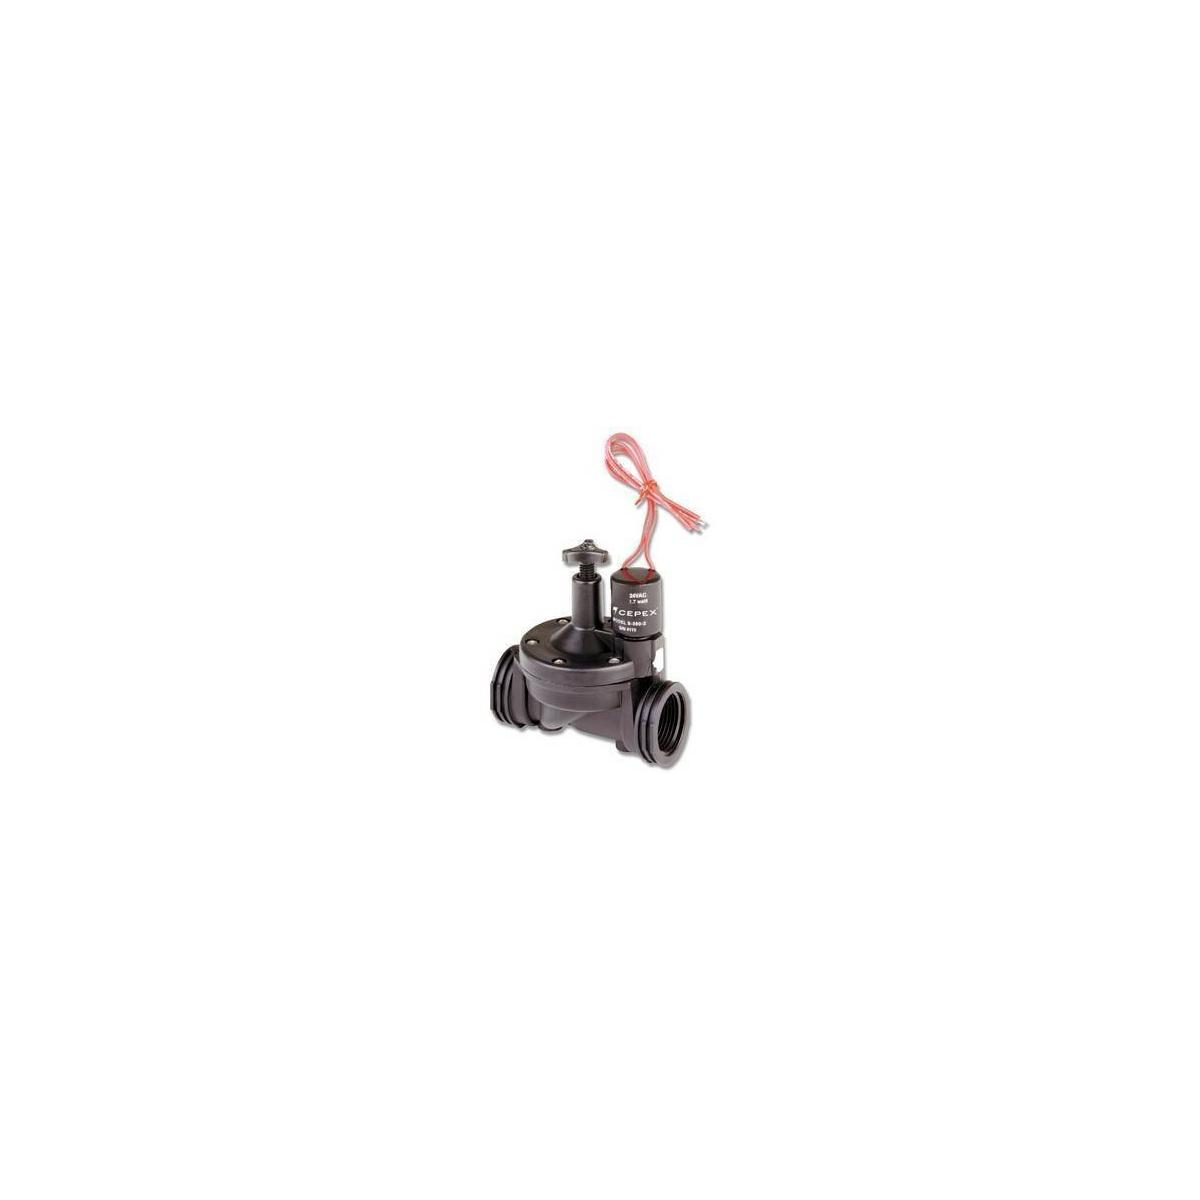 Cepex electric valves